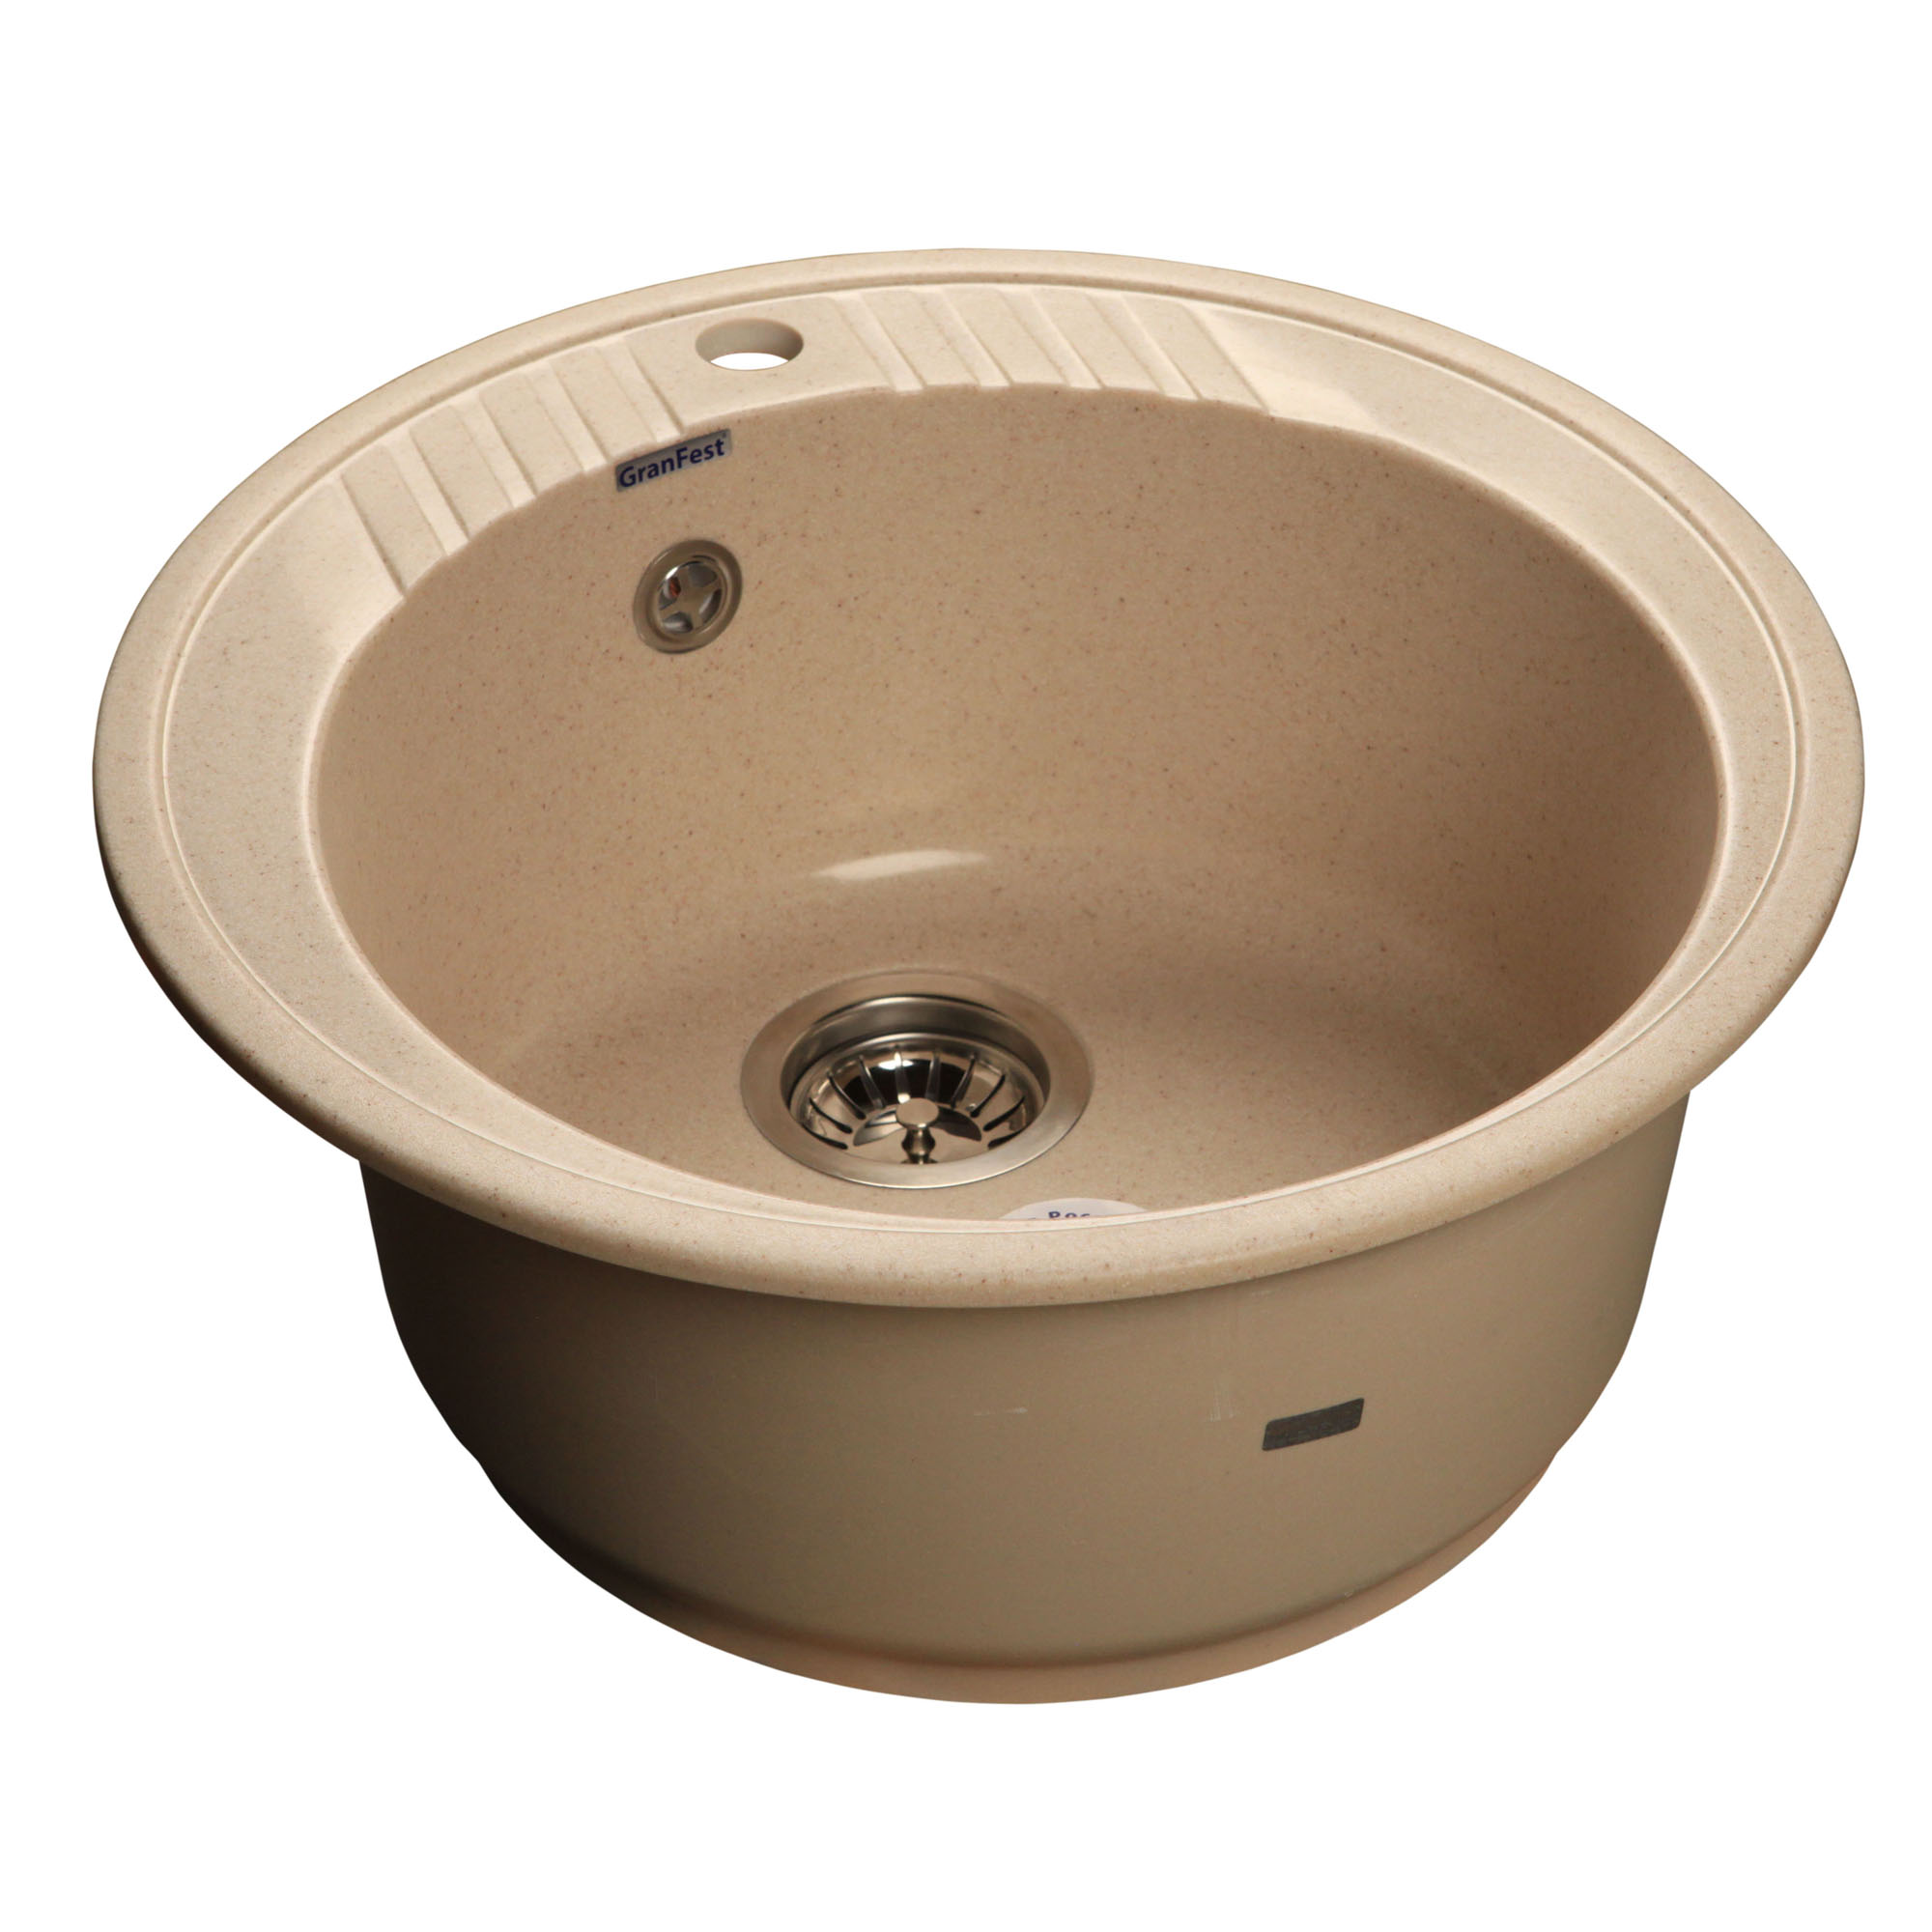 Кухонная мойка GranFest Rondo GF-R520 бежевый мойка кухонная granfest гранит d520 gf r520 терракот